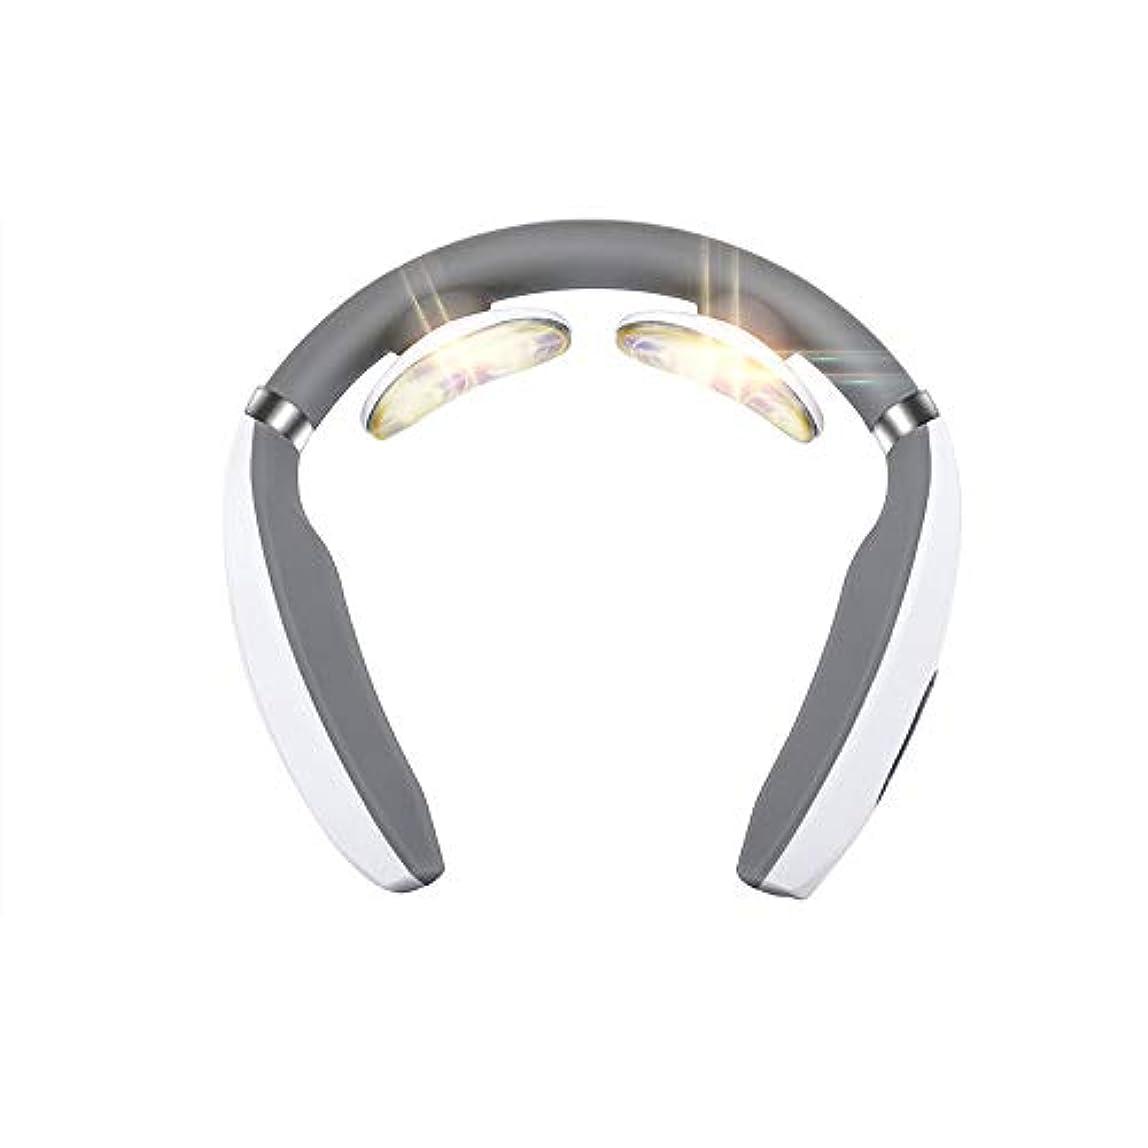 試みジョイントご飯首マッサージャー 正規品 マッサージ器 ネックマッサージャー 多機能 首のマッサージ器 usbで充電式 不眠症改善 家庭用&職場用&車用 ストレス解消グッズ 振動 温熱療法 疲労回復 頚椎ヘルニア 改善 マッサージモード調節可能 2019年最新版 3D頸椎マッサージャー 一年間質量保証